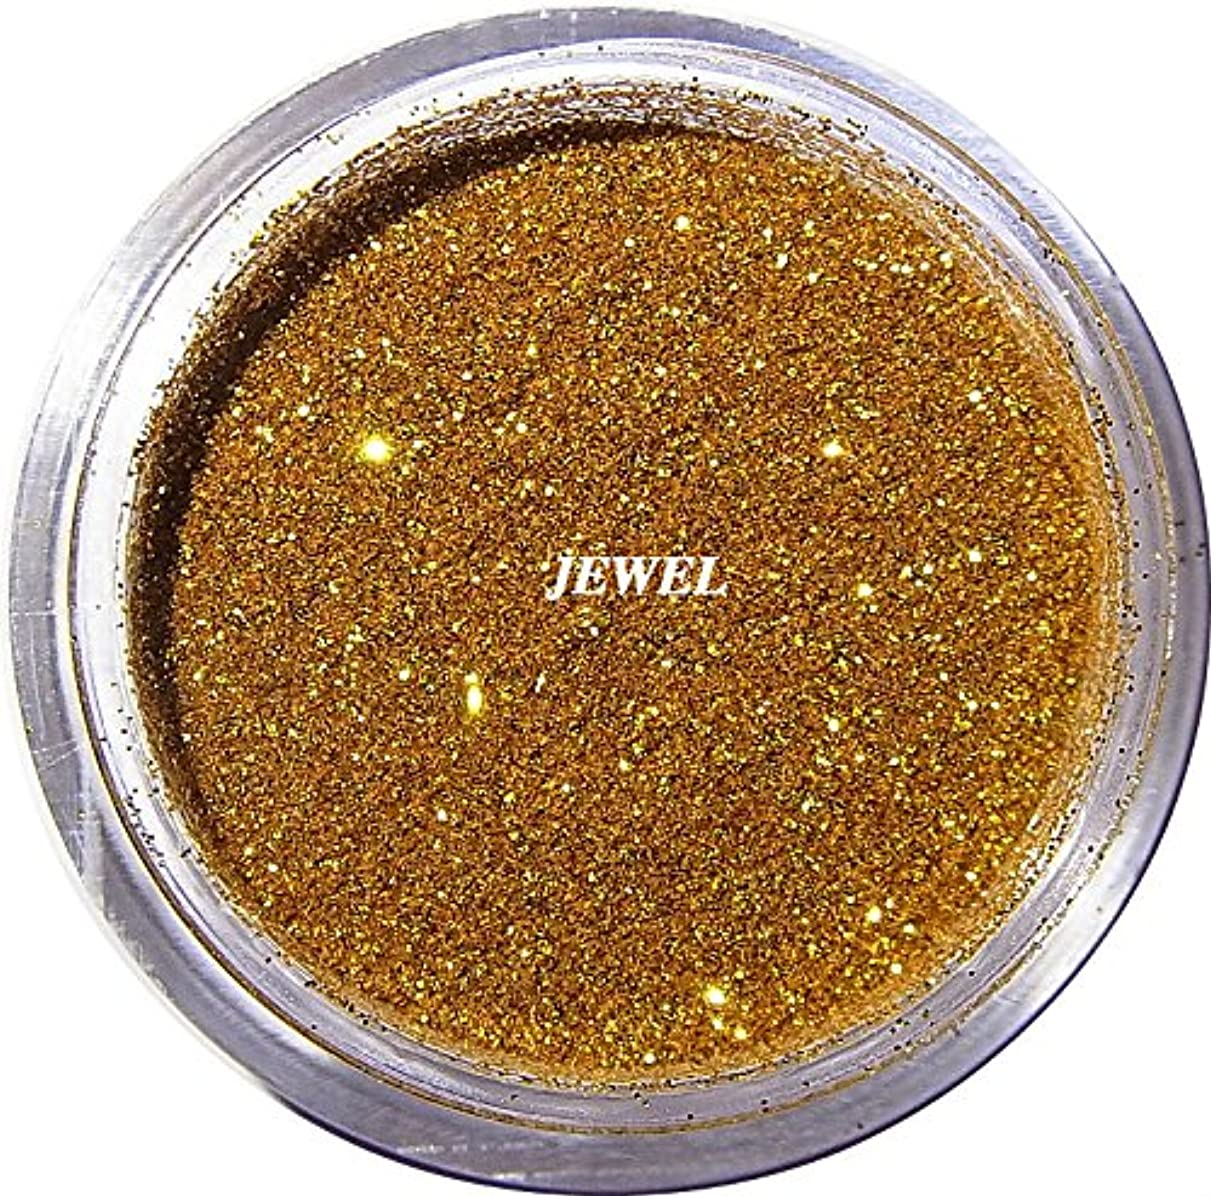 リアル居住者感謝している【jewel】 超微粒子ラメパウダー(金/ゴールド) 256/1サイズ 2g入り レジン&ネイル用 グリッター